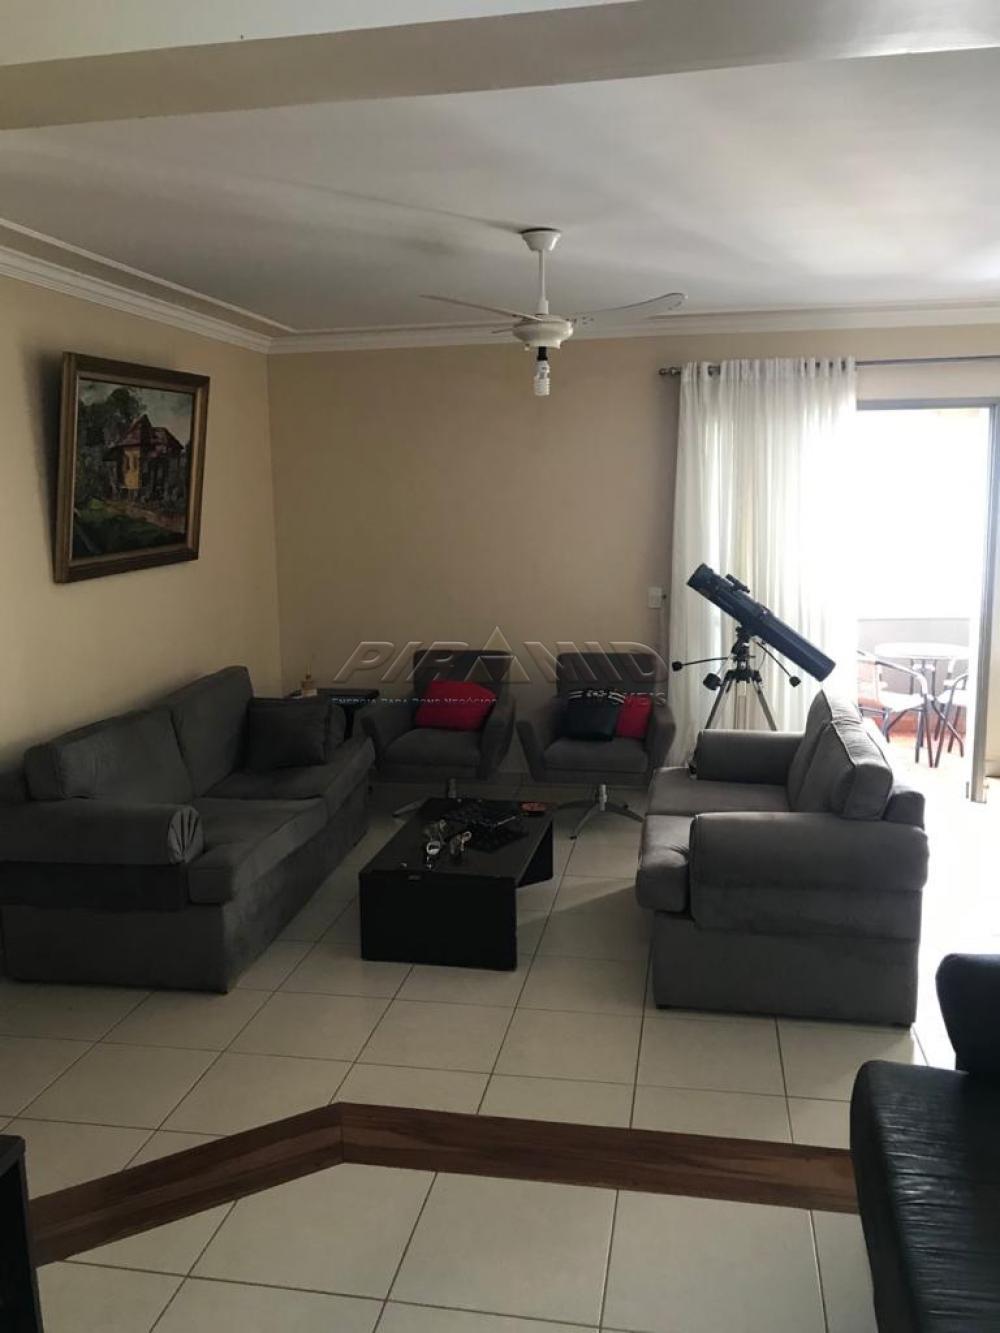 Comprar Apartamento / Padrão em Ribeirão Preto apenas R$ 550.000,00 - Foto 2